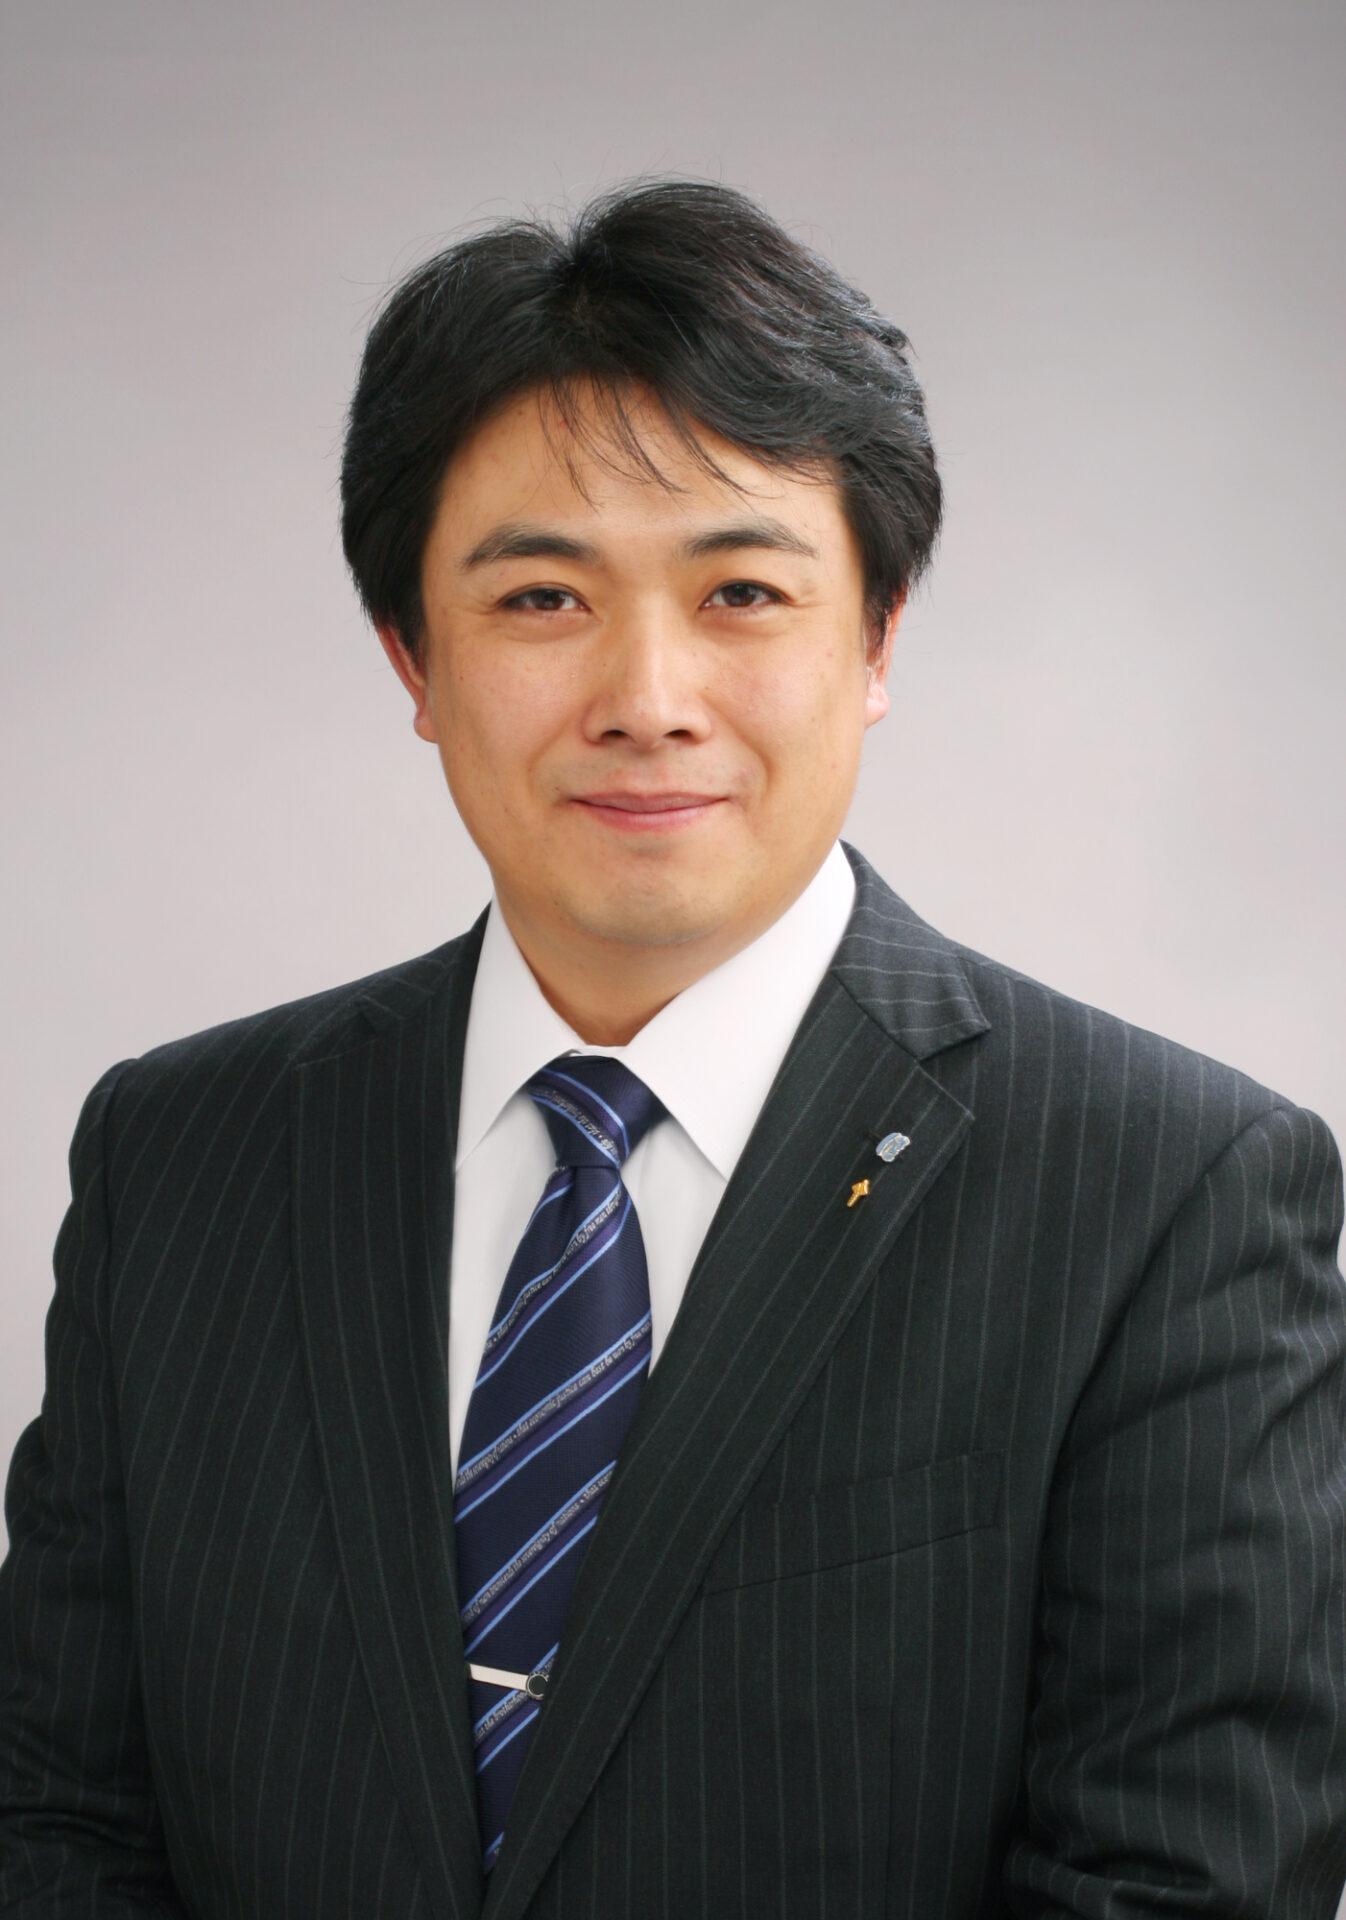 株式会社ここみケア 代表 兼子 広喜